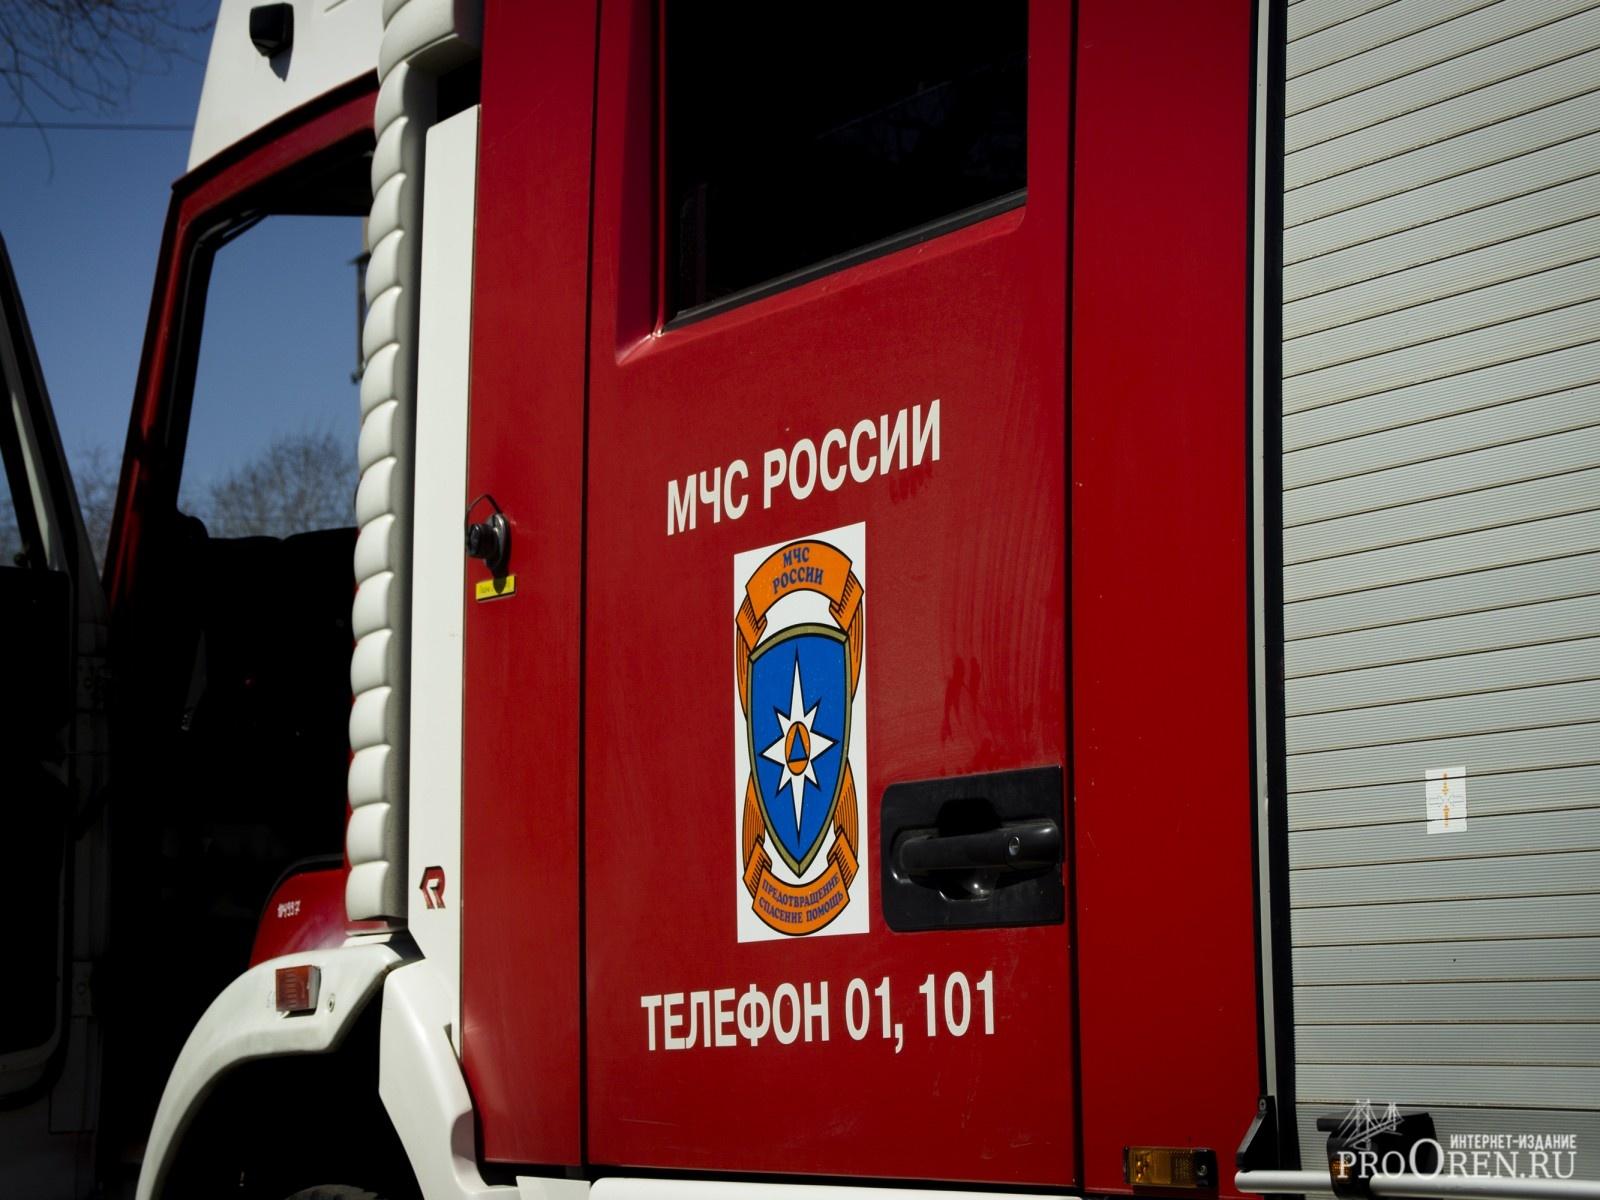 Пожар в Бузулукском районе — МЧС России по Оренбургской области